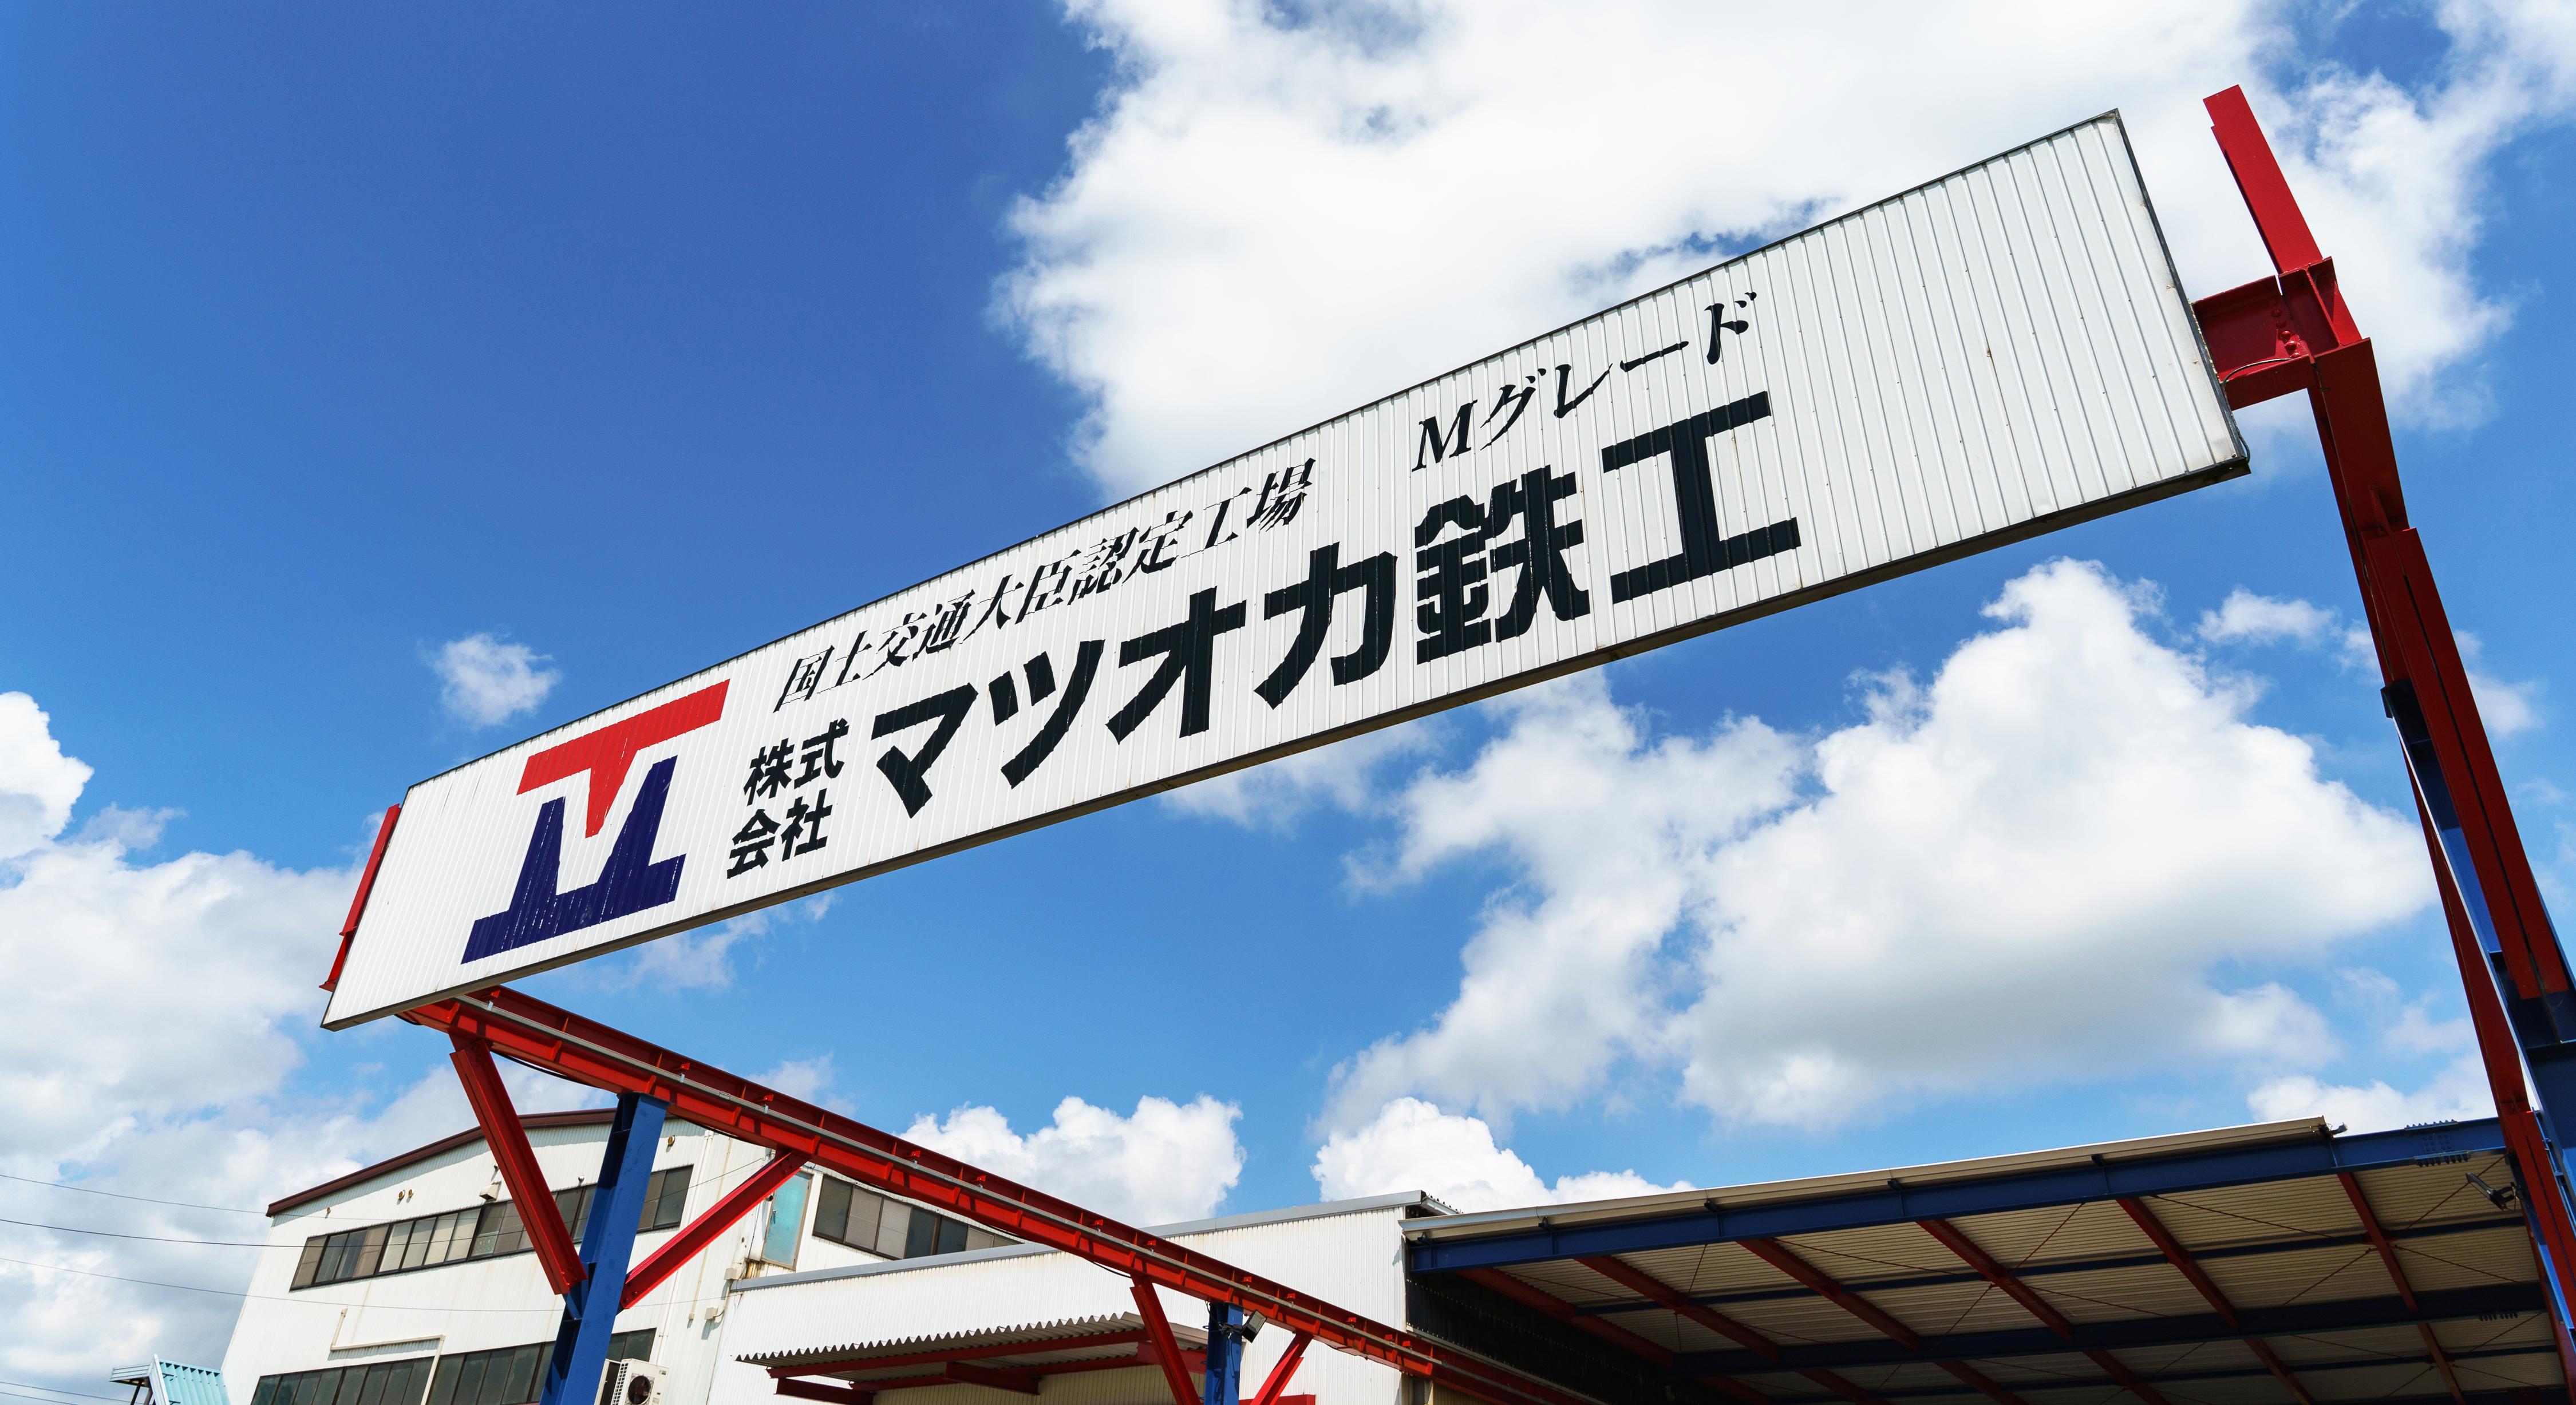 株式会社マツオカ鉄工